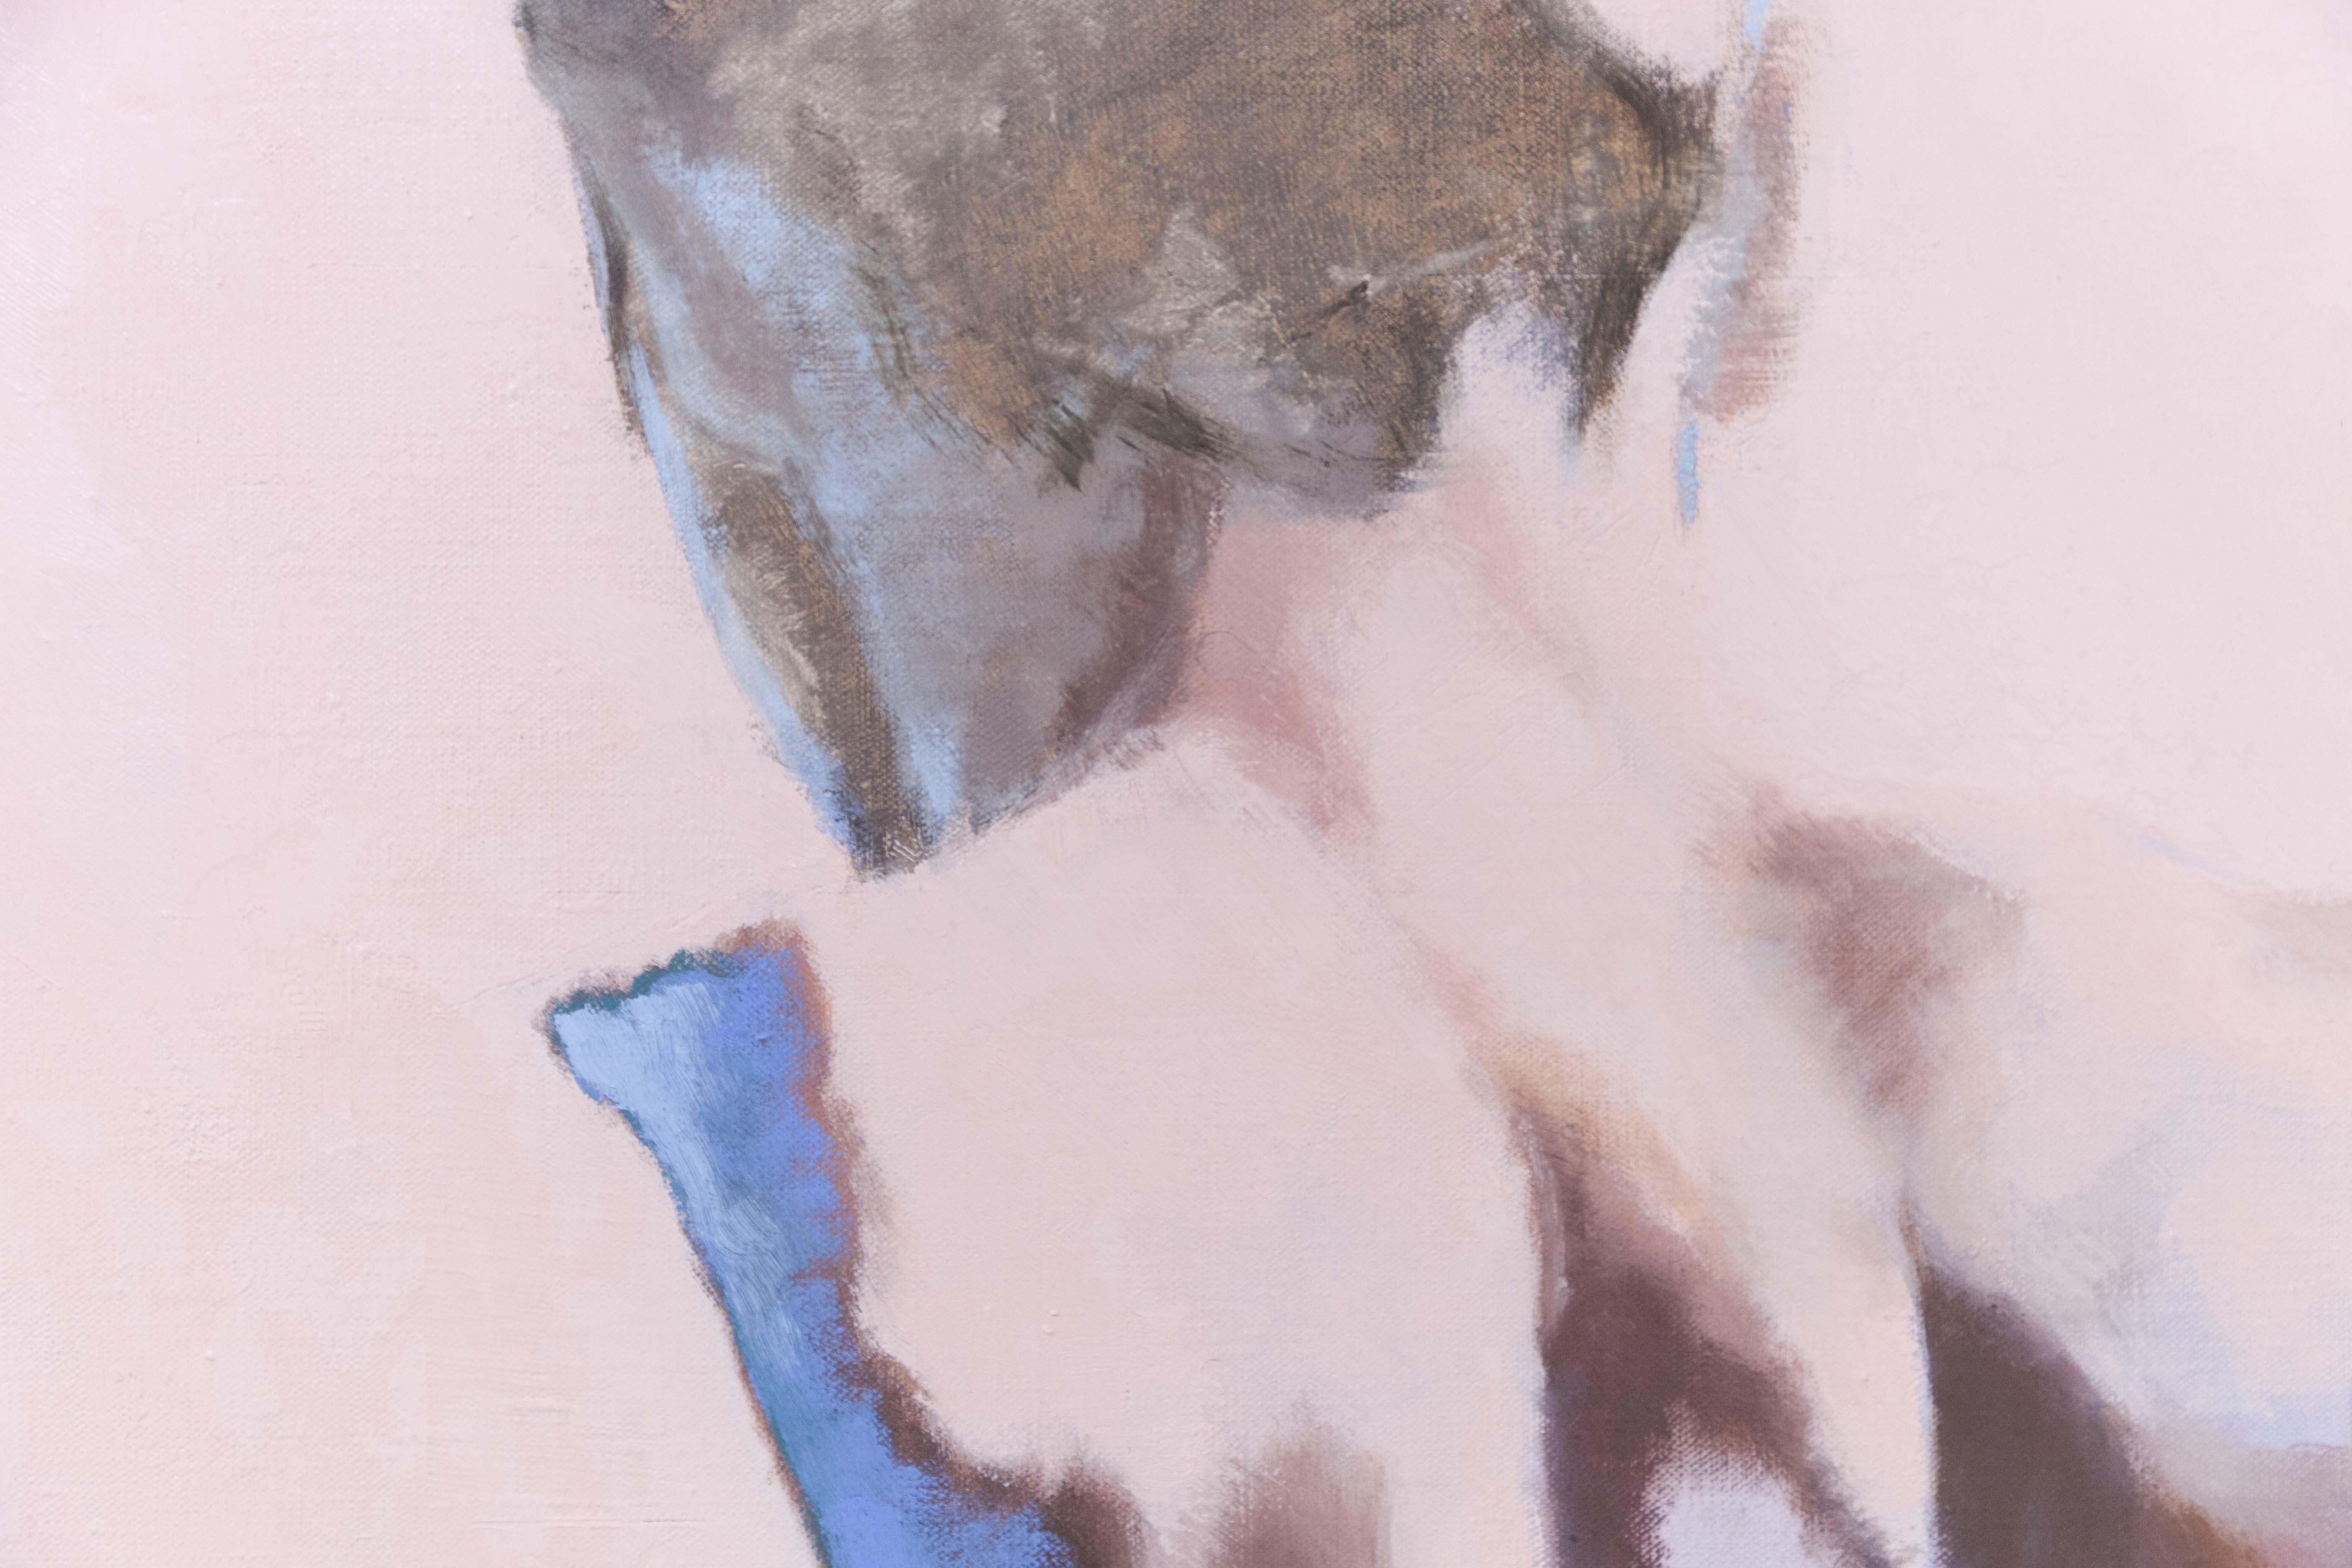 Ton corps s'illumine de l'écume des écrans, 2020, huile sur toile, 130 x 97 cm_photo Julie Coulon_web_5